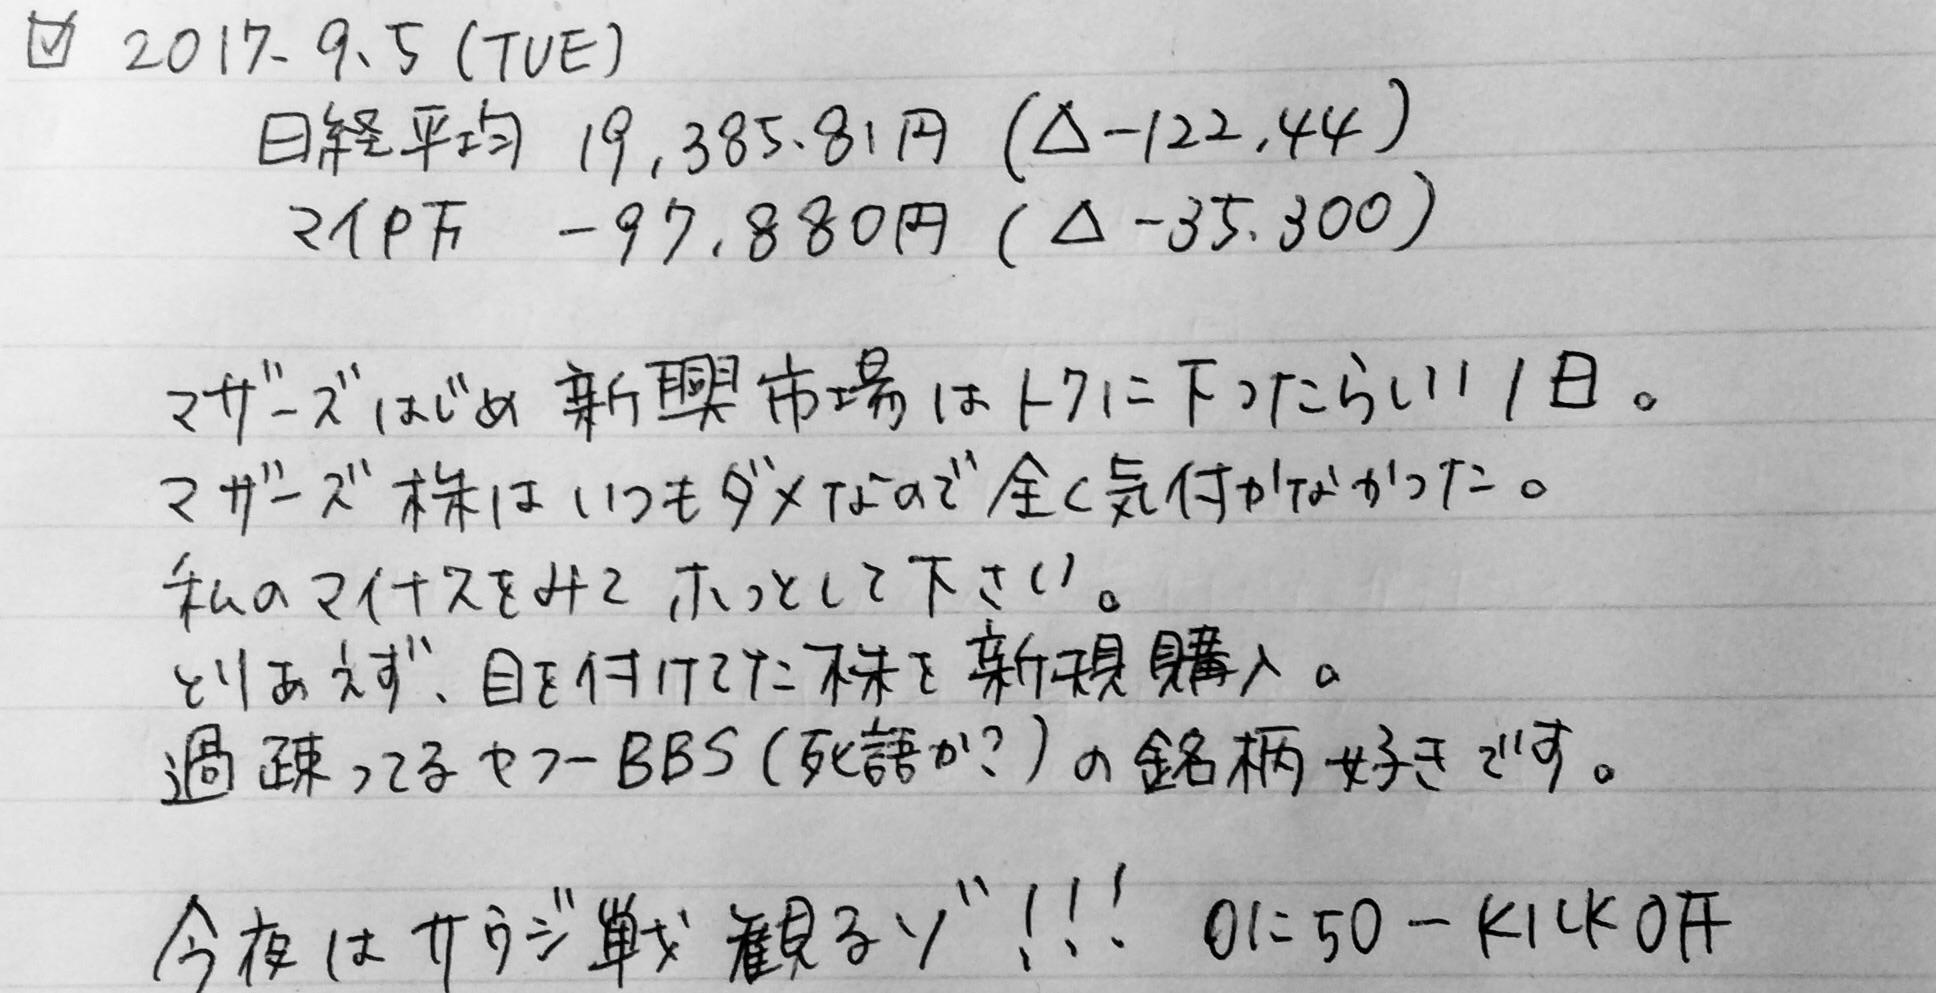 f:id:hiro_116:20170906000932j:plain